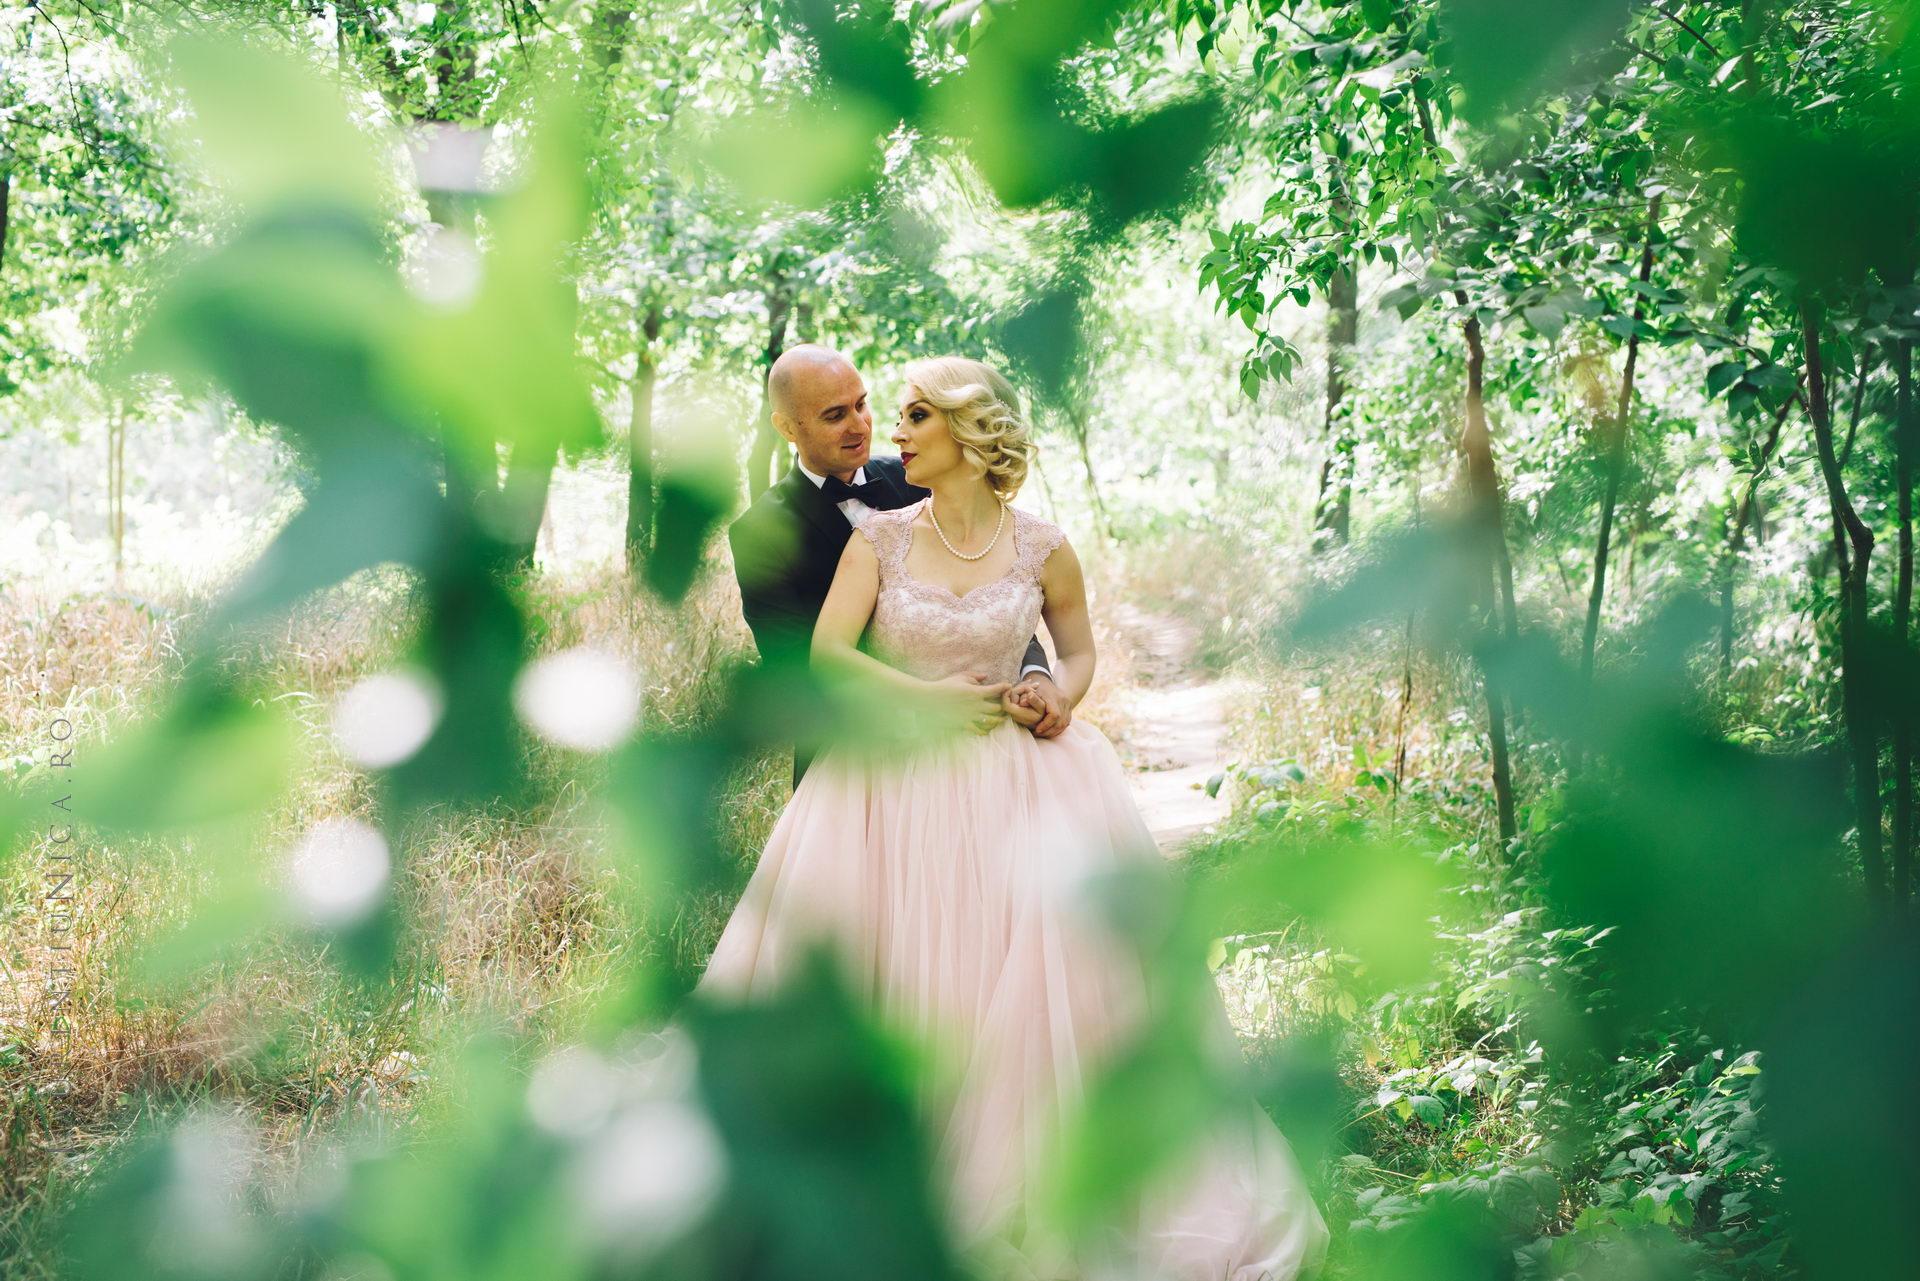 lavinia si adi fotograf laurentiu nica craiova 037 - Lavinia & Adi | Fotografii nunta